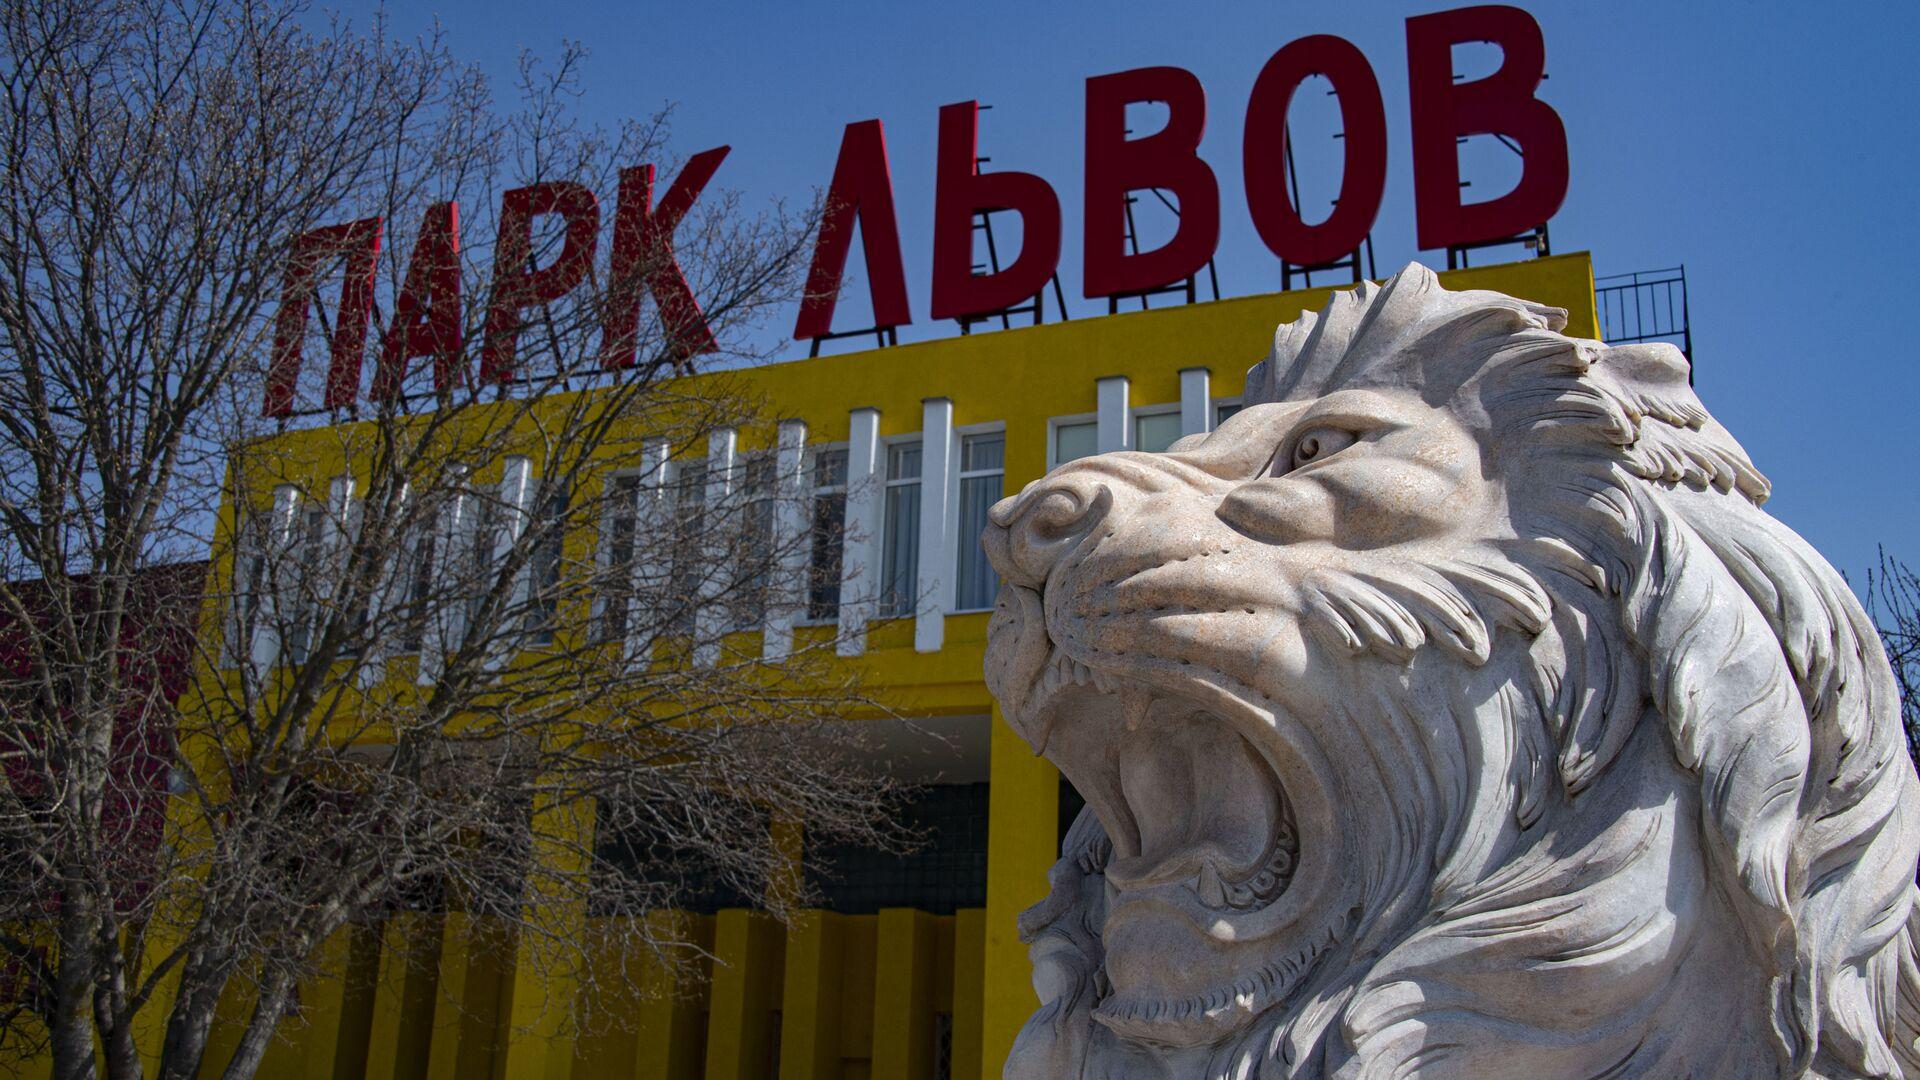 Тайган Парк Львов - РИА Новости, 1920, 28.09.2021